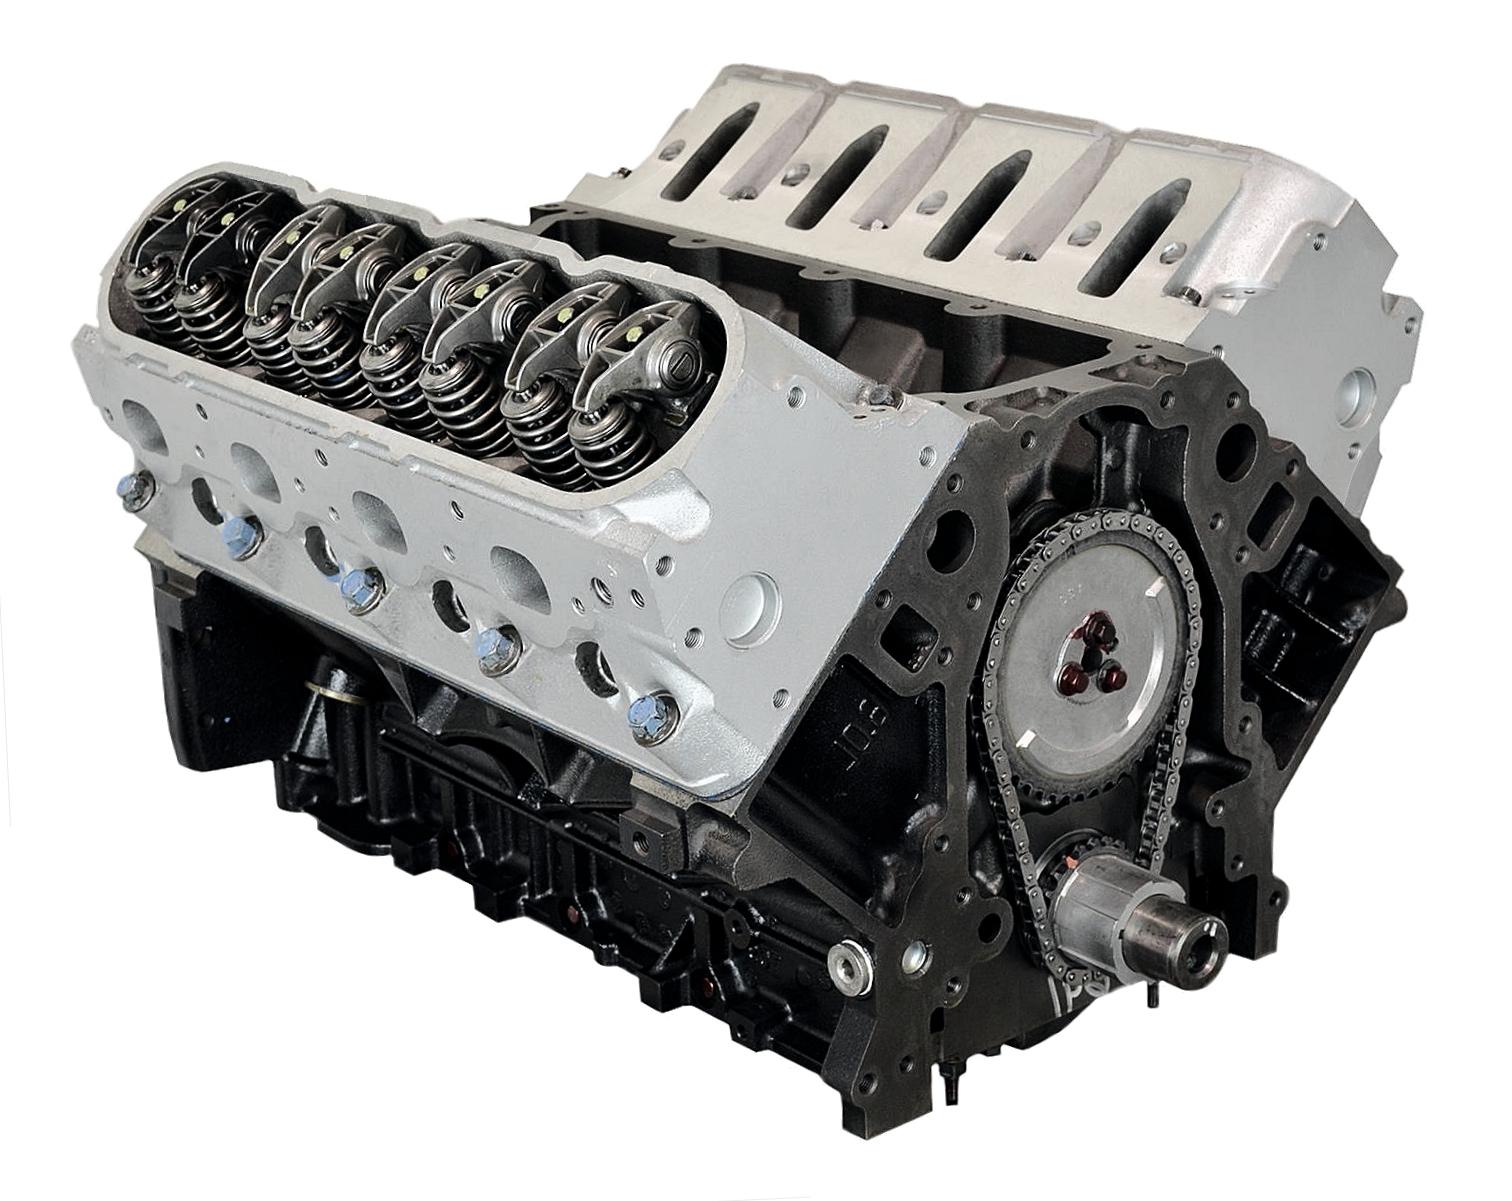 GMC Savana 2500 - 5.3 LM7 Engine - 2003-2005 (Vin Code: T)